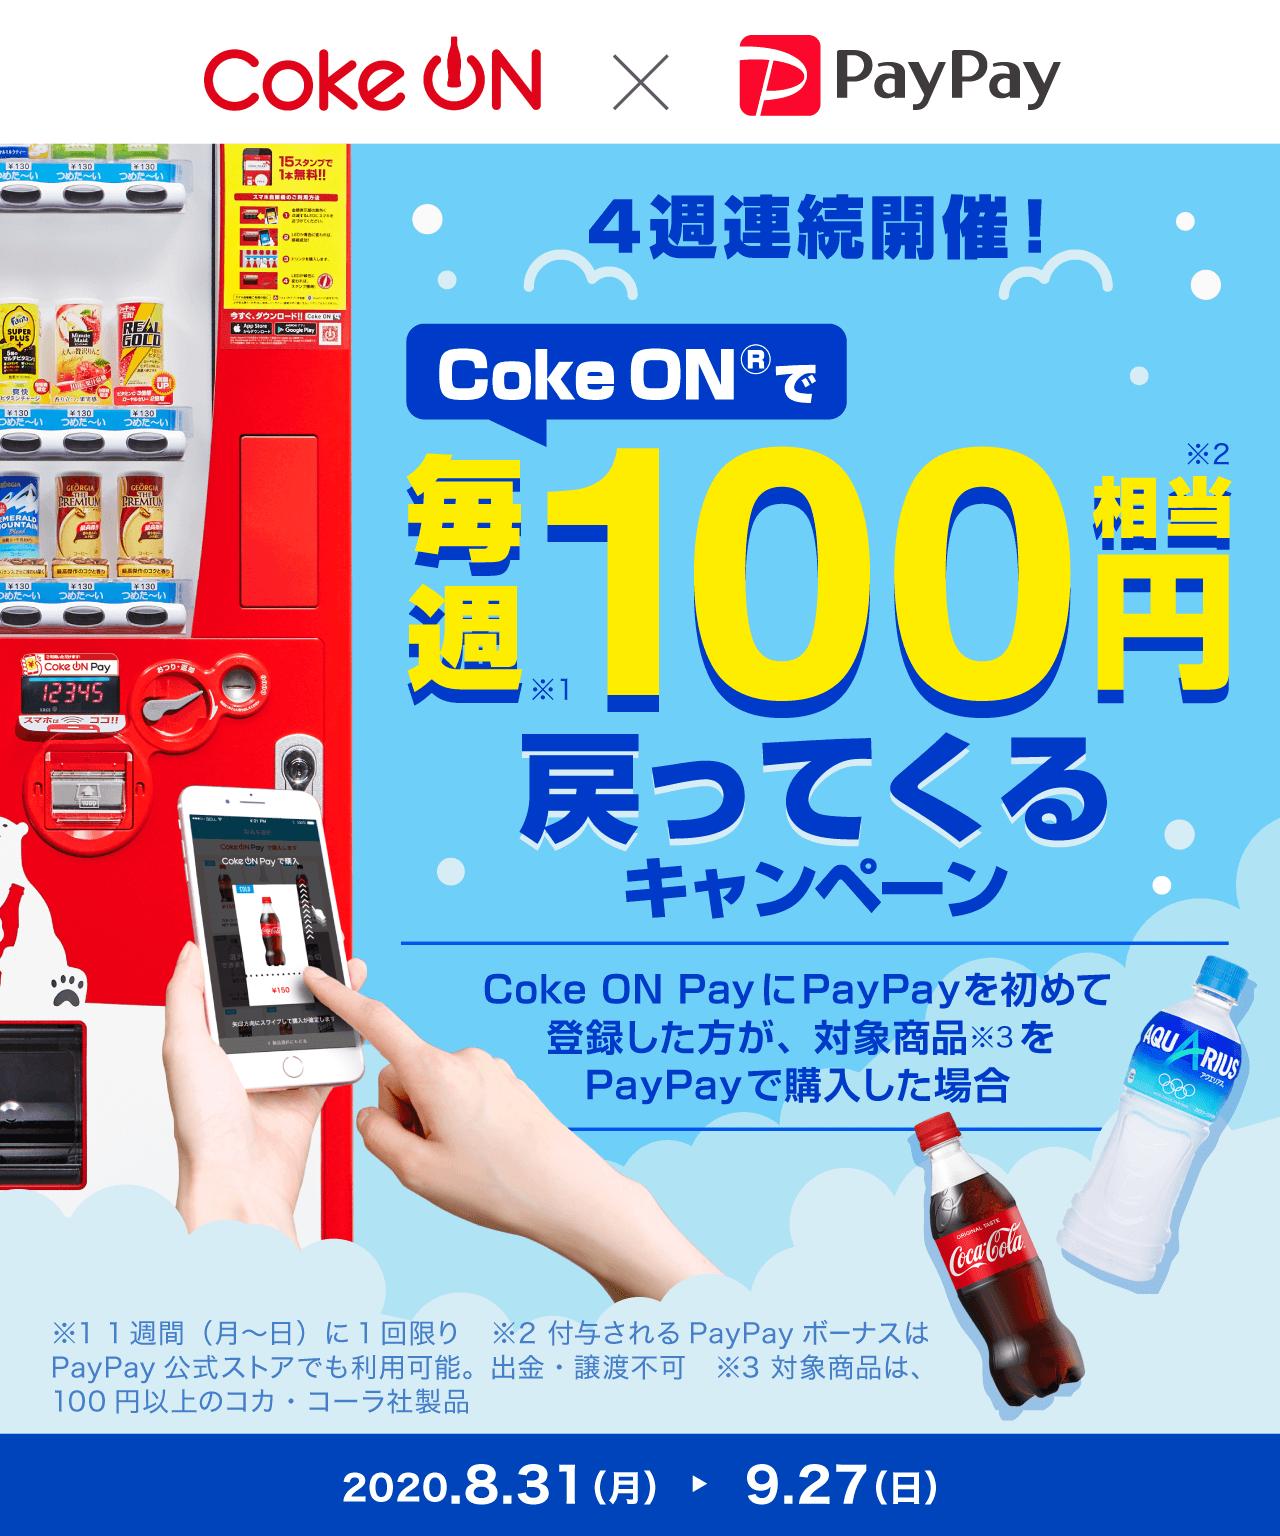 4週連続開催!Coke ONで毎週100円相当戻ってくるキャンペーン